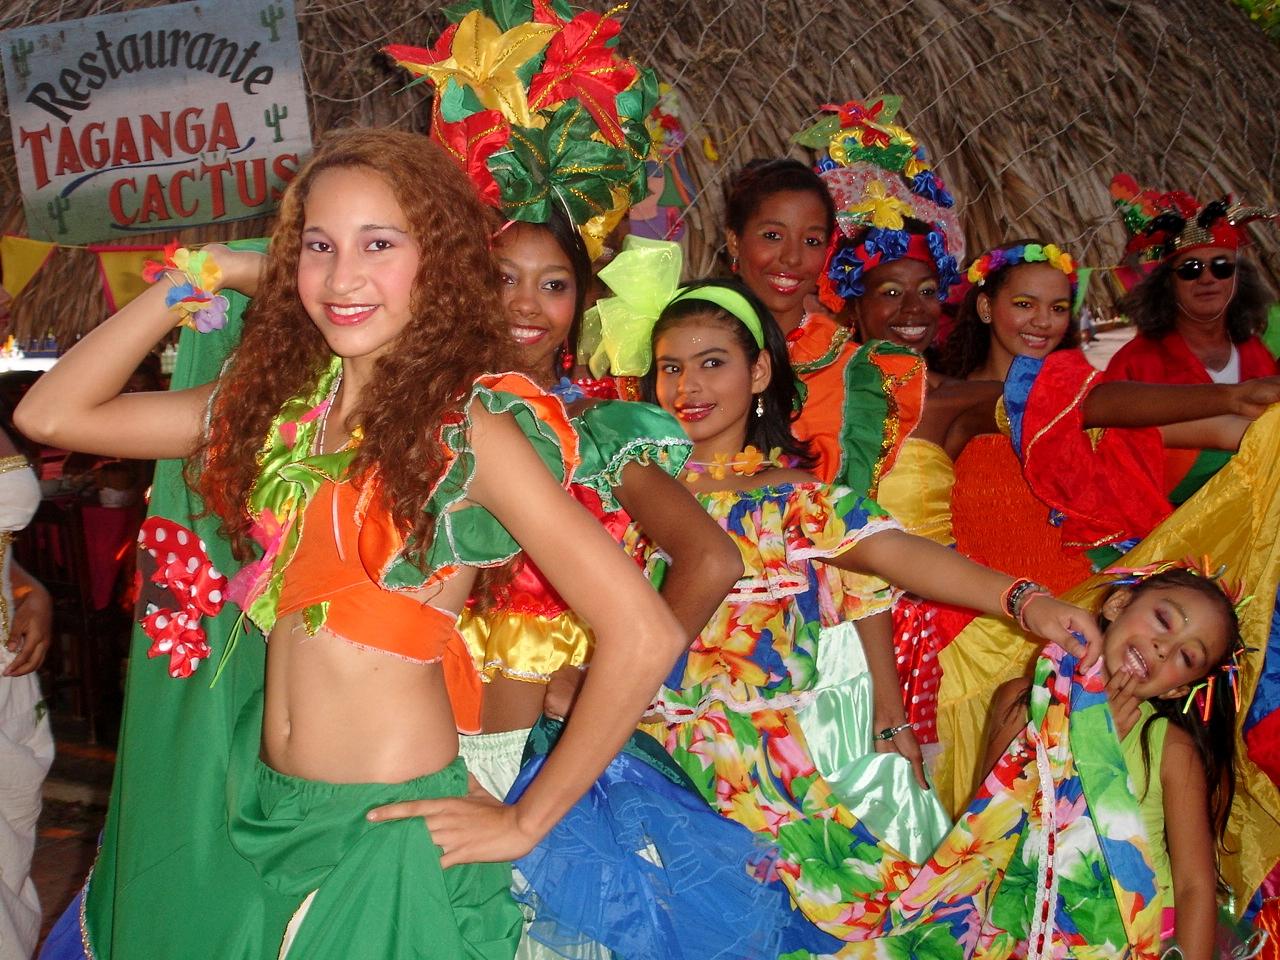 Carnaval en Taganga